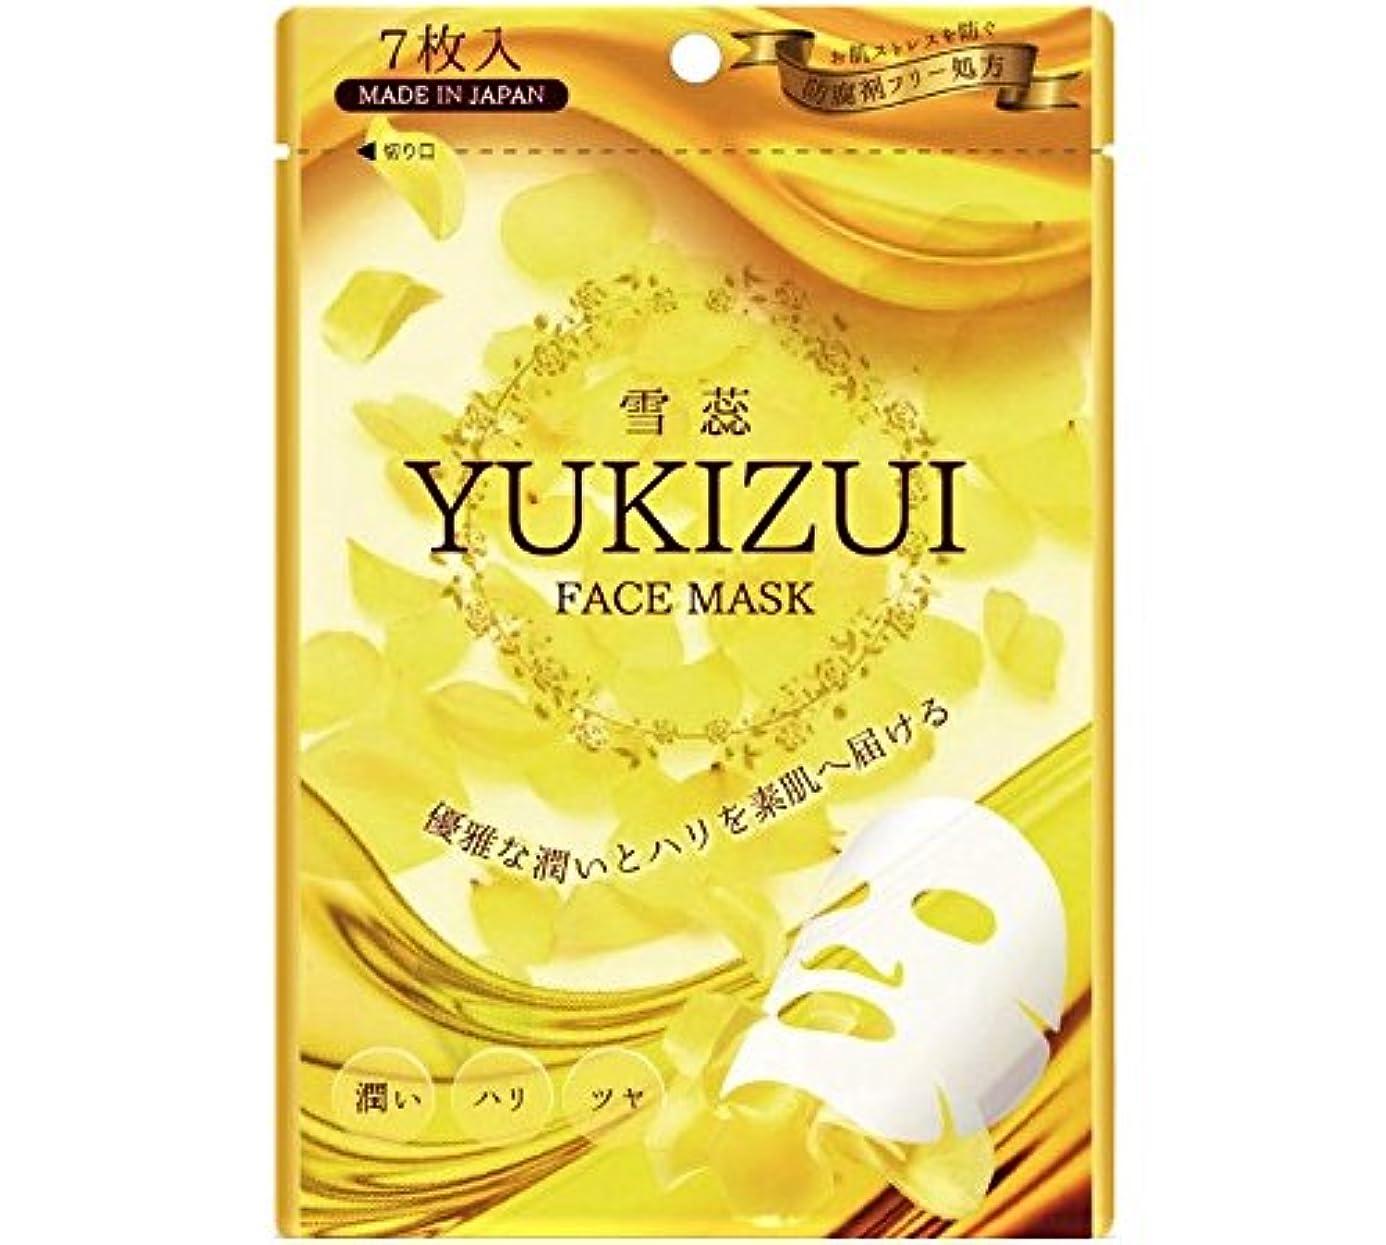 どこにも欲望外観雪蕊 YUKIZUI フェイスマスク 防腐剤フリー 天然コットン使用でふんわり密着感 7枚入